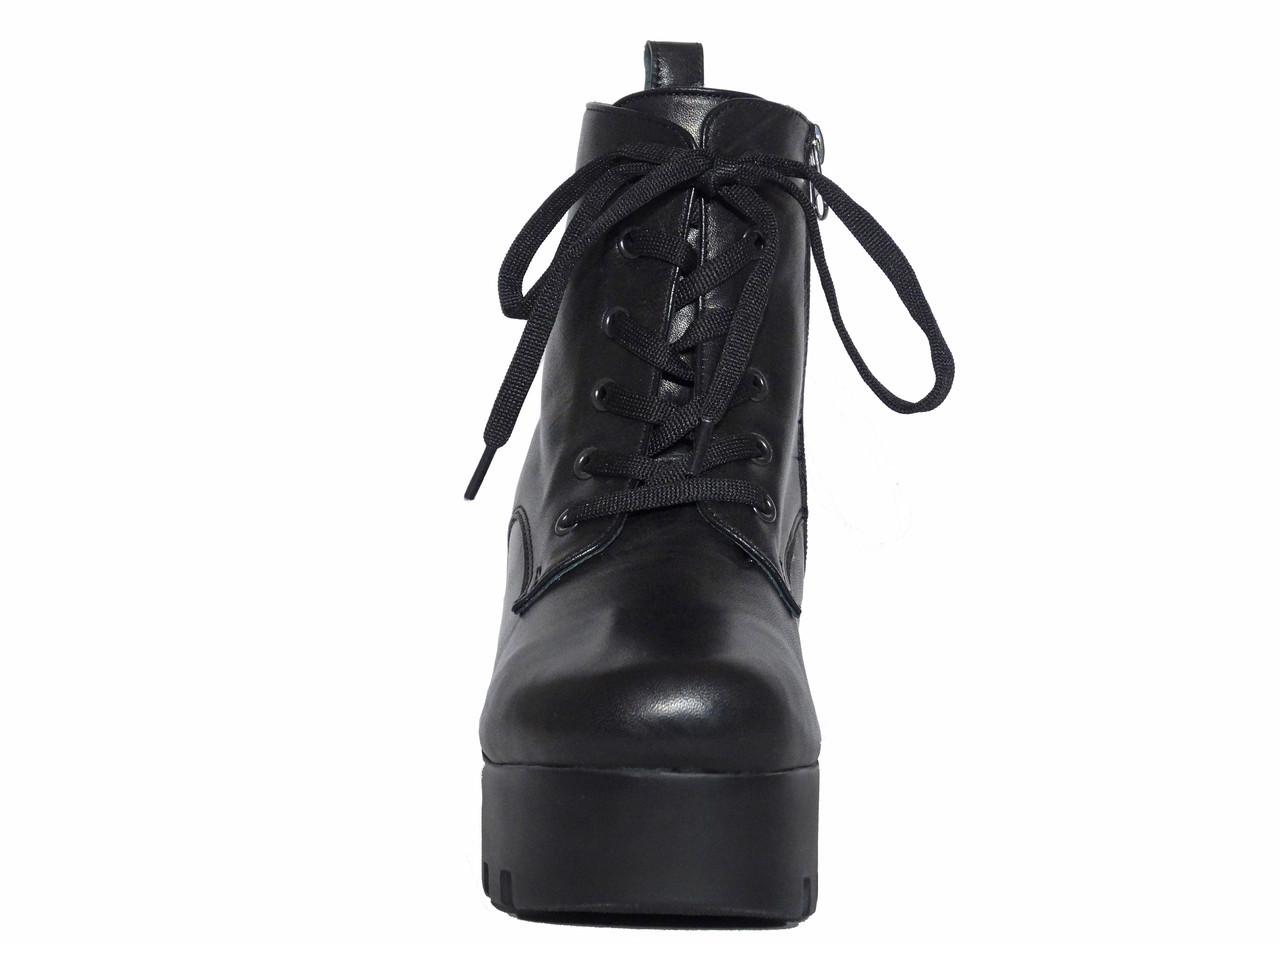 ... Кожаные зимние женские ботинки на платформе Donna Ricco №02-37, ... eced5b2bc79